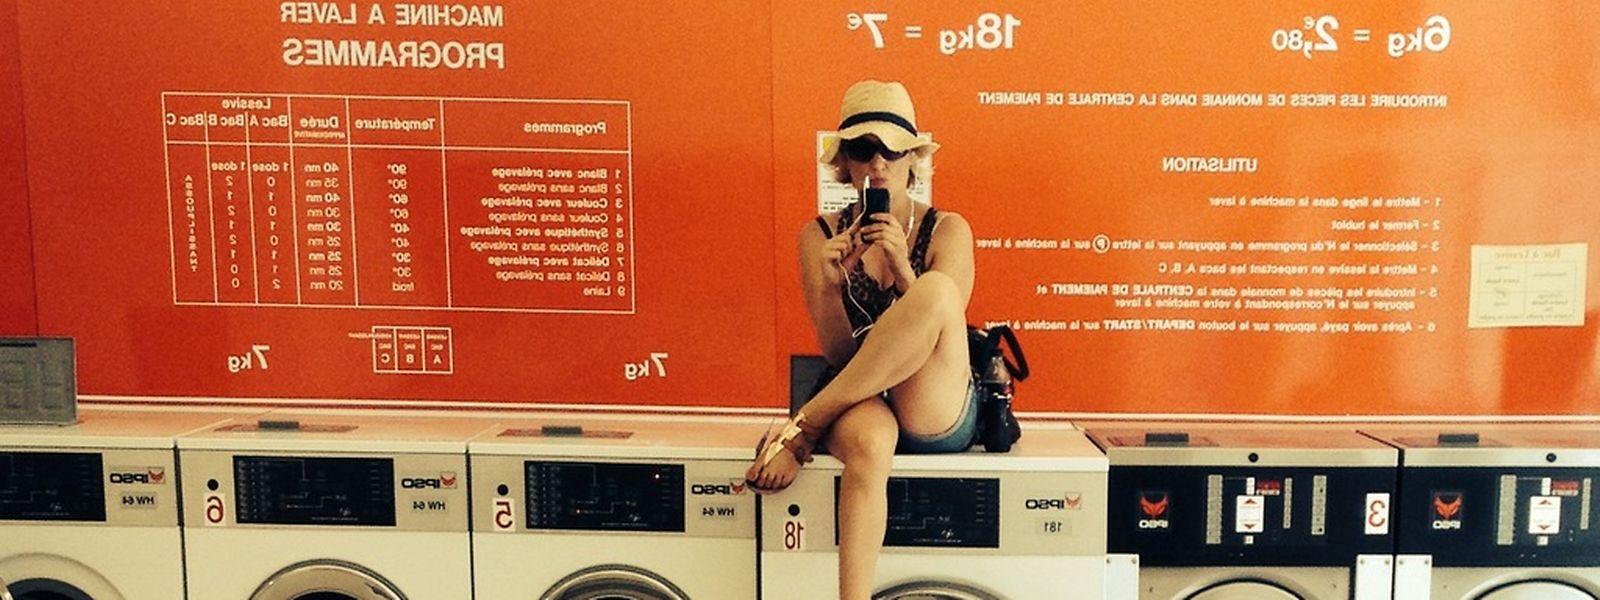 Bientôt, on pourrait ne plus laver son linge sale en famille. Mais dans des lieux collectifs, avec des machines à laver dont la durée de vie ne serait plus limitée dans le temps parce que largement recyclables. Un nouveau mode de vie induit par l'économie circulaire.